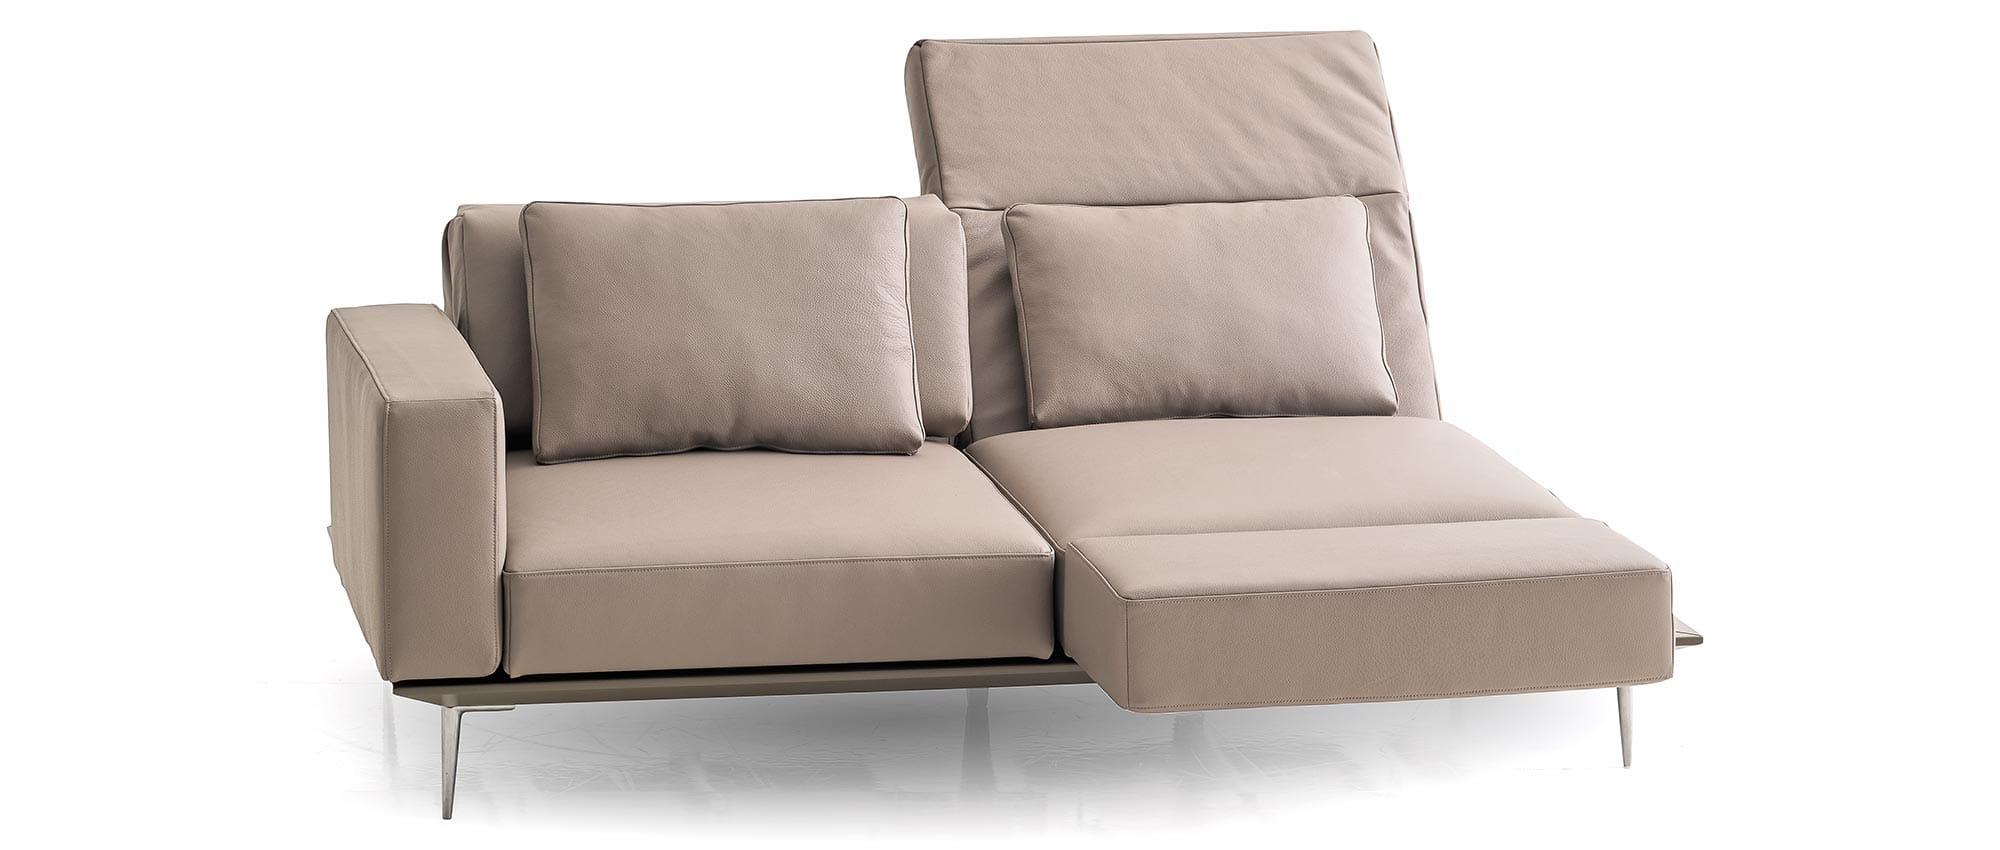 Die Rückenlehnen des Schlafsofas MILAN von Franz Fertig sind einzeln klappbar. Multifunktionales Sofa. Sofa mit Bettfunktion. Gästebett für 2 Personen.